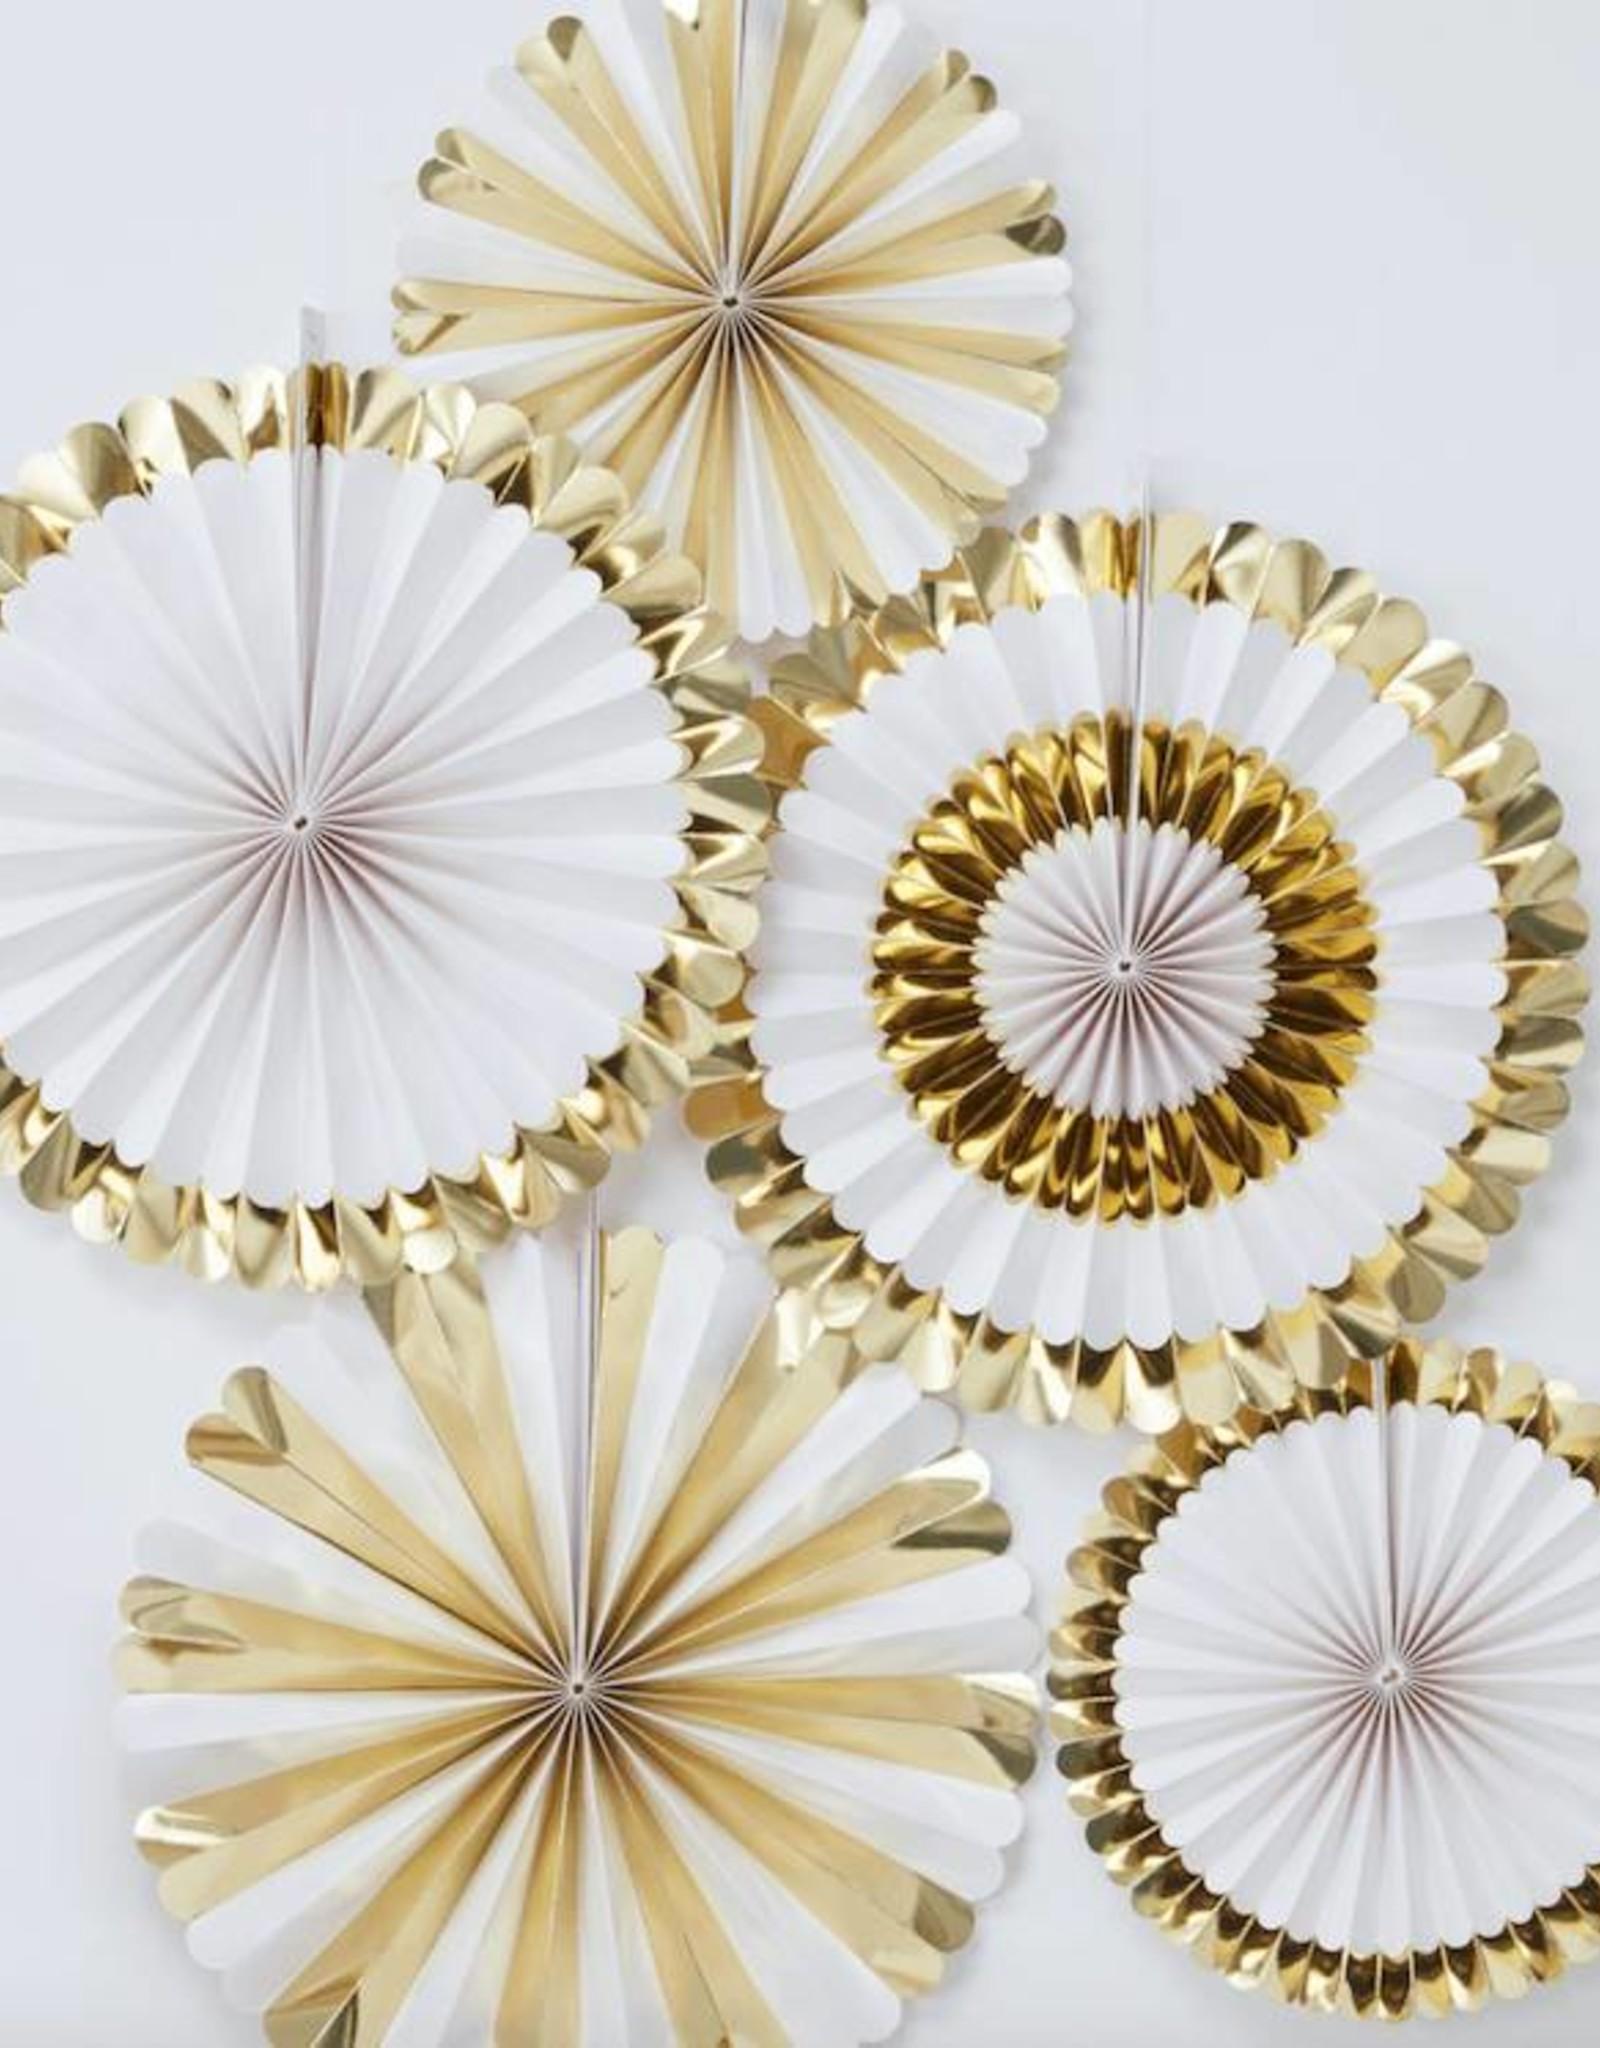 Ginger Ray Papieren waaiers wit & goud | 5 stuks